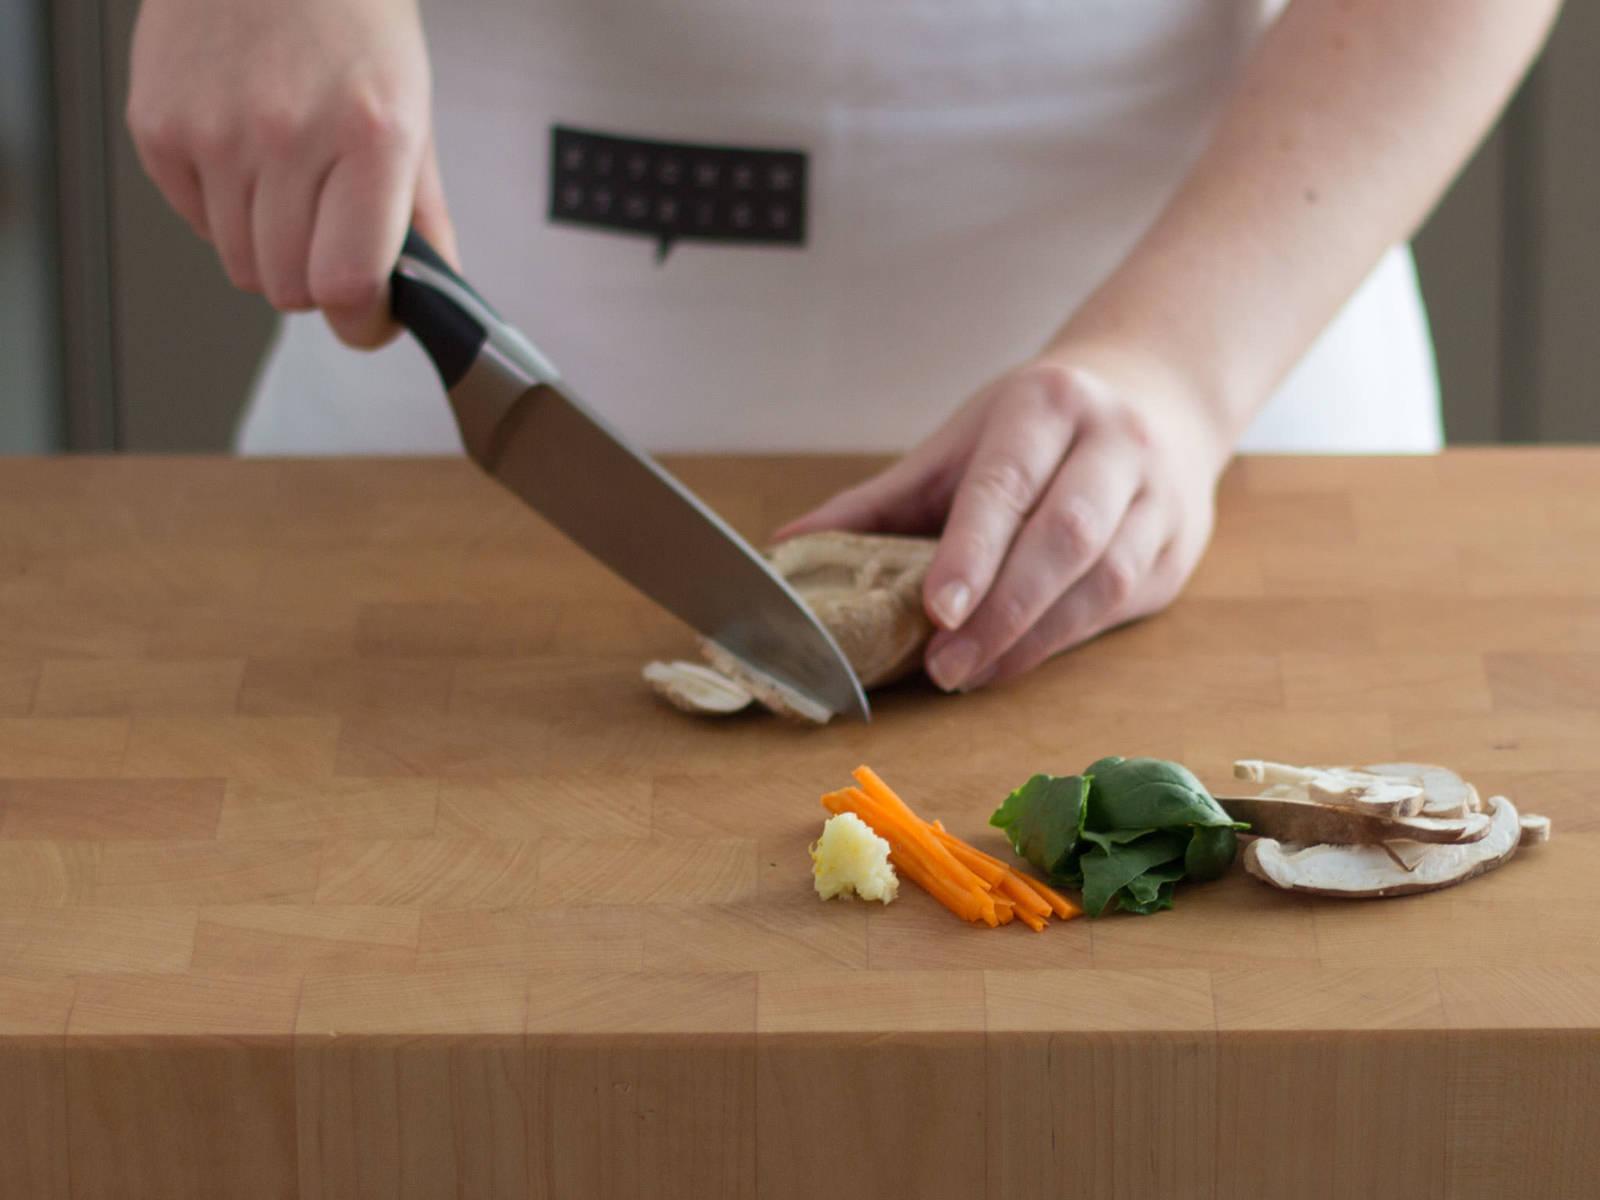 向小锅中加入米、水与盐,浸泡约30分钟,然后煮至沸腾。调至低温,并加盖。煨煮10-12分钟,或至水被吸收。于此期间,将菠菜切成易入口的小块。将蒜切末,胡萝卜切丝,香菇切薄片,香菜剁碎。